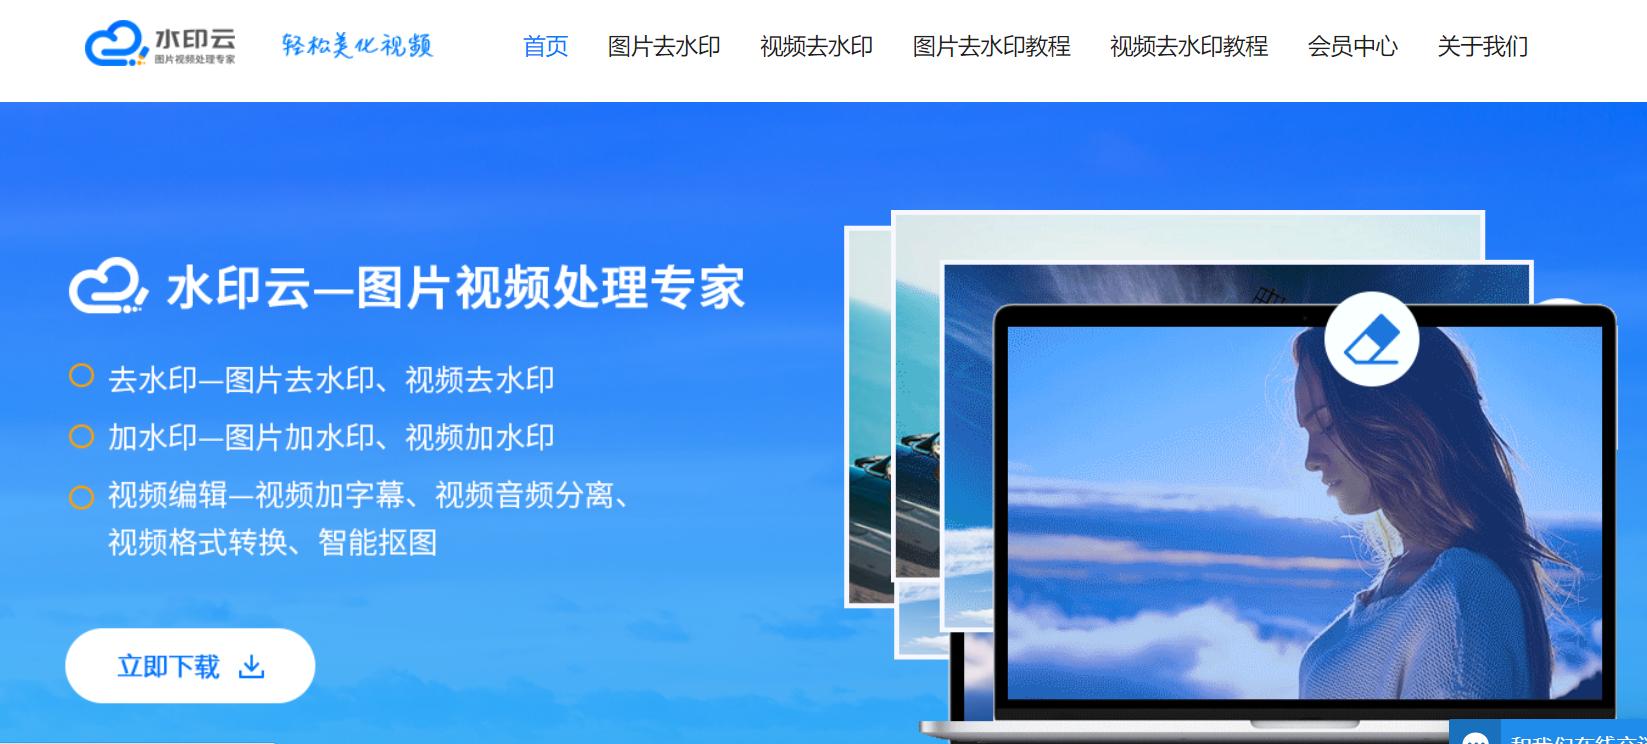 水印云一键视频格式转换软件